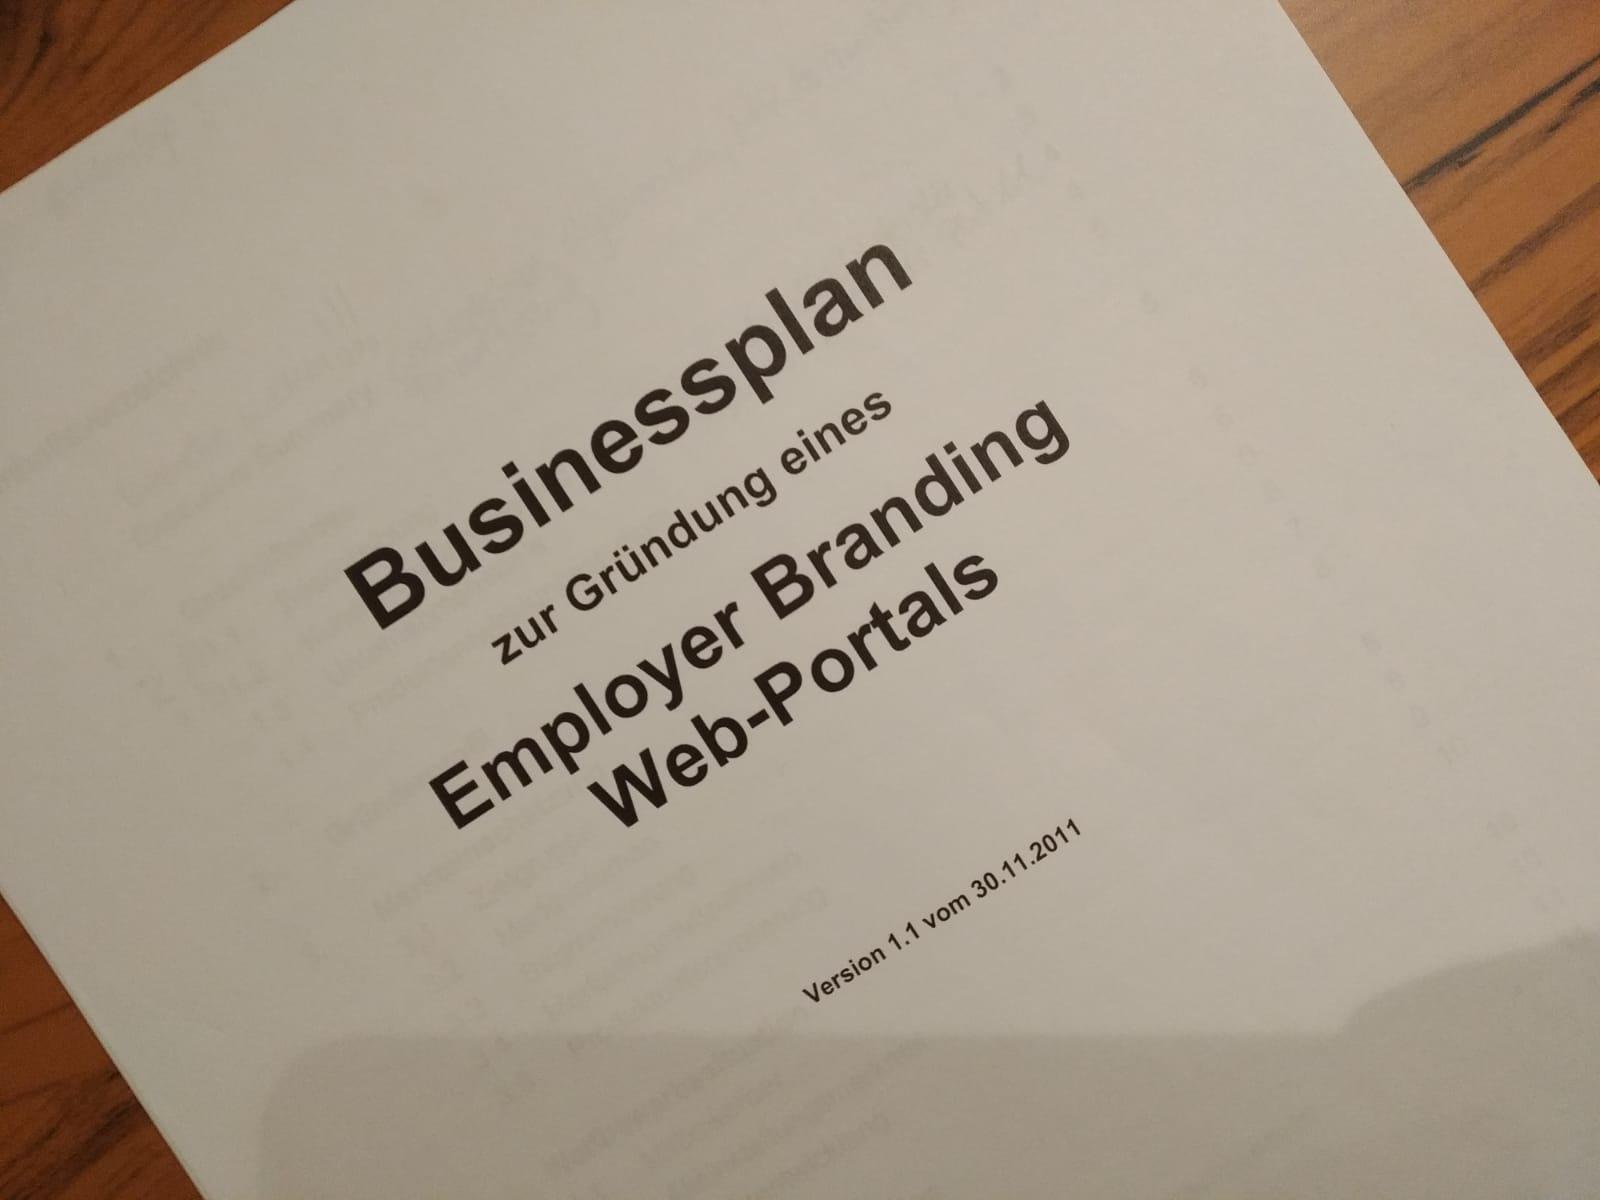 Beispiel Fur Eine Businessplan Vorlage Fur